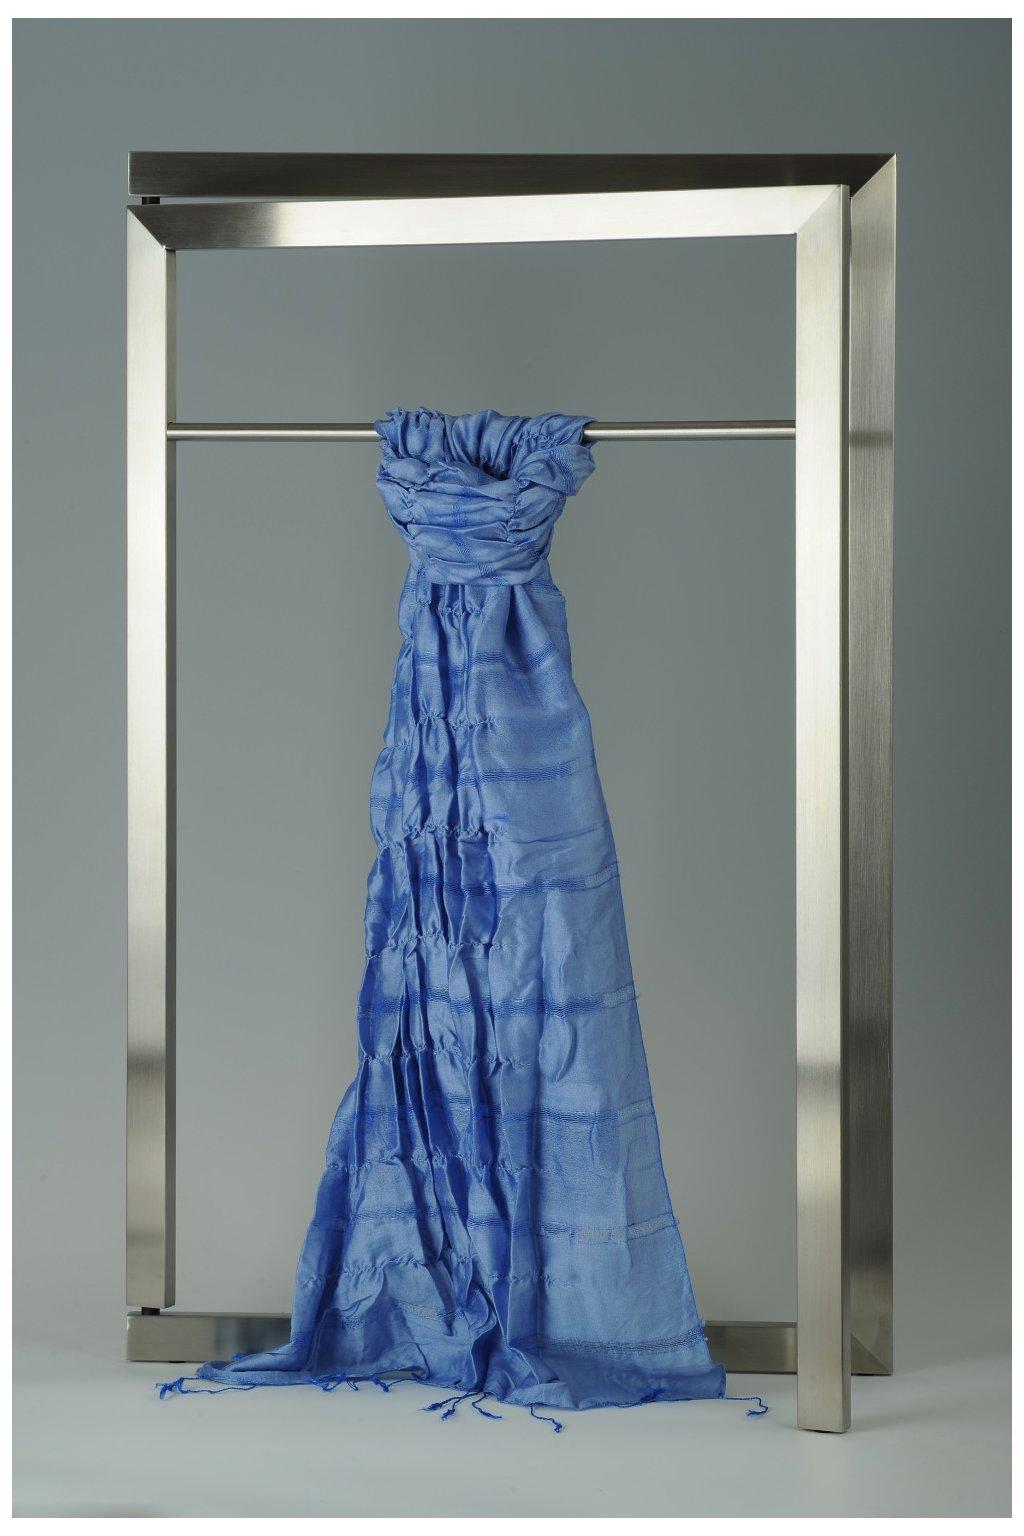 Šála z hedvábí a bavlny s jemnými proužky, plisovaná HBP_348